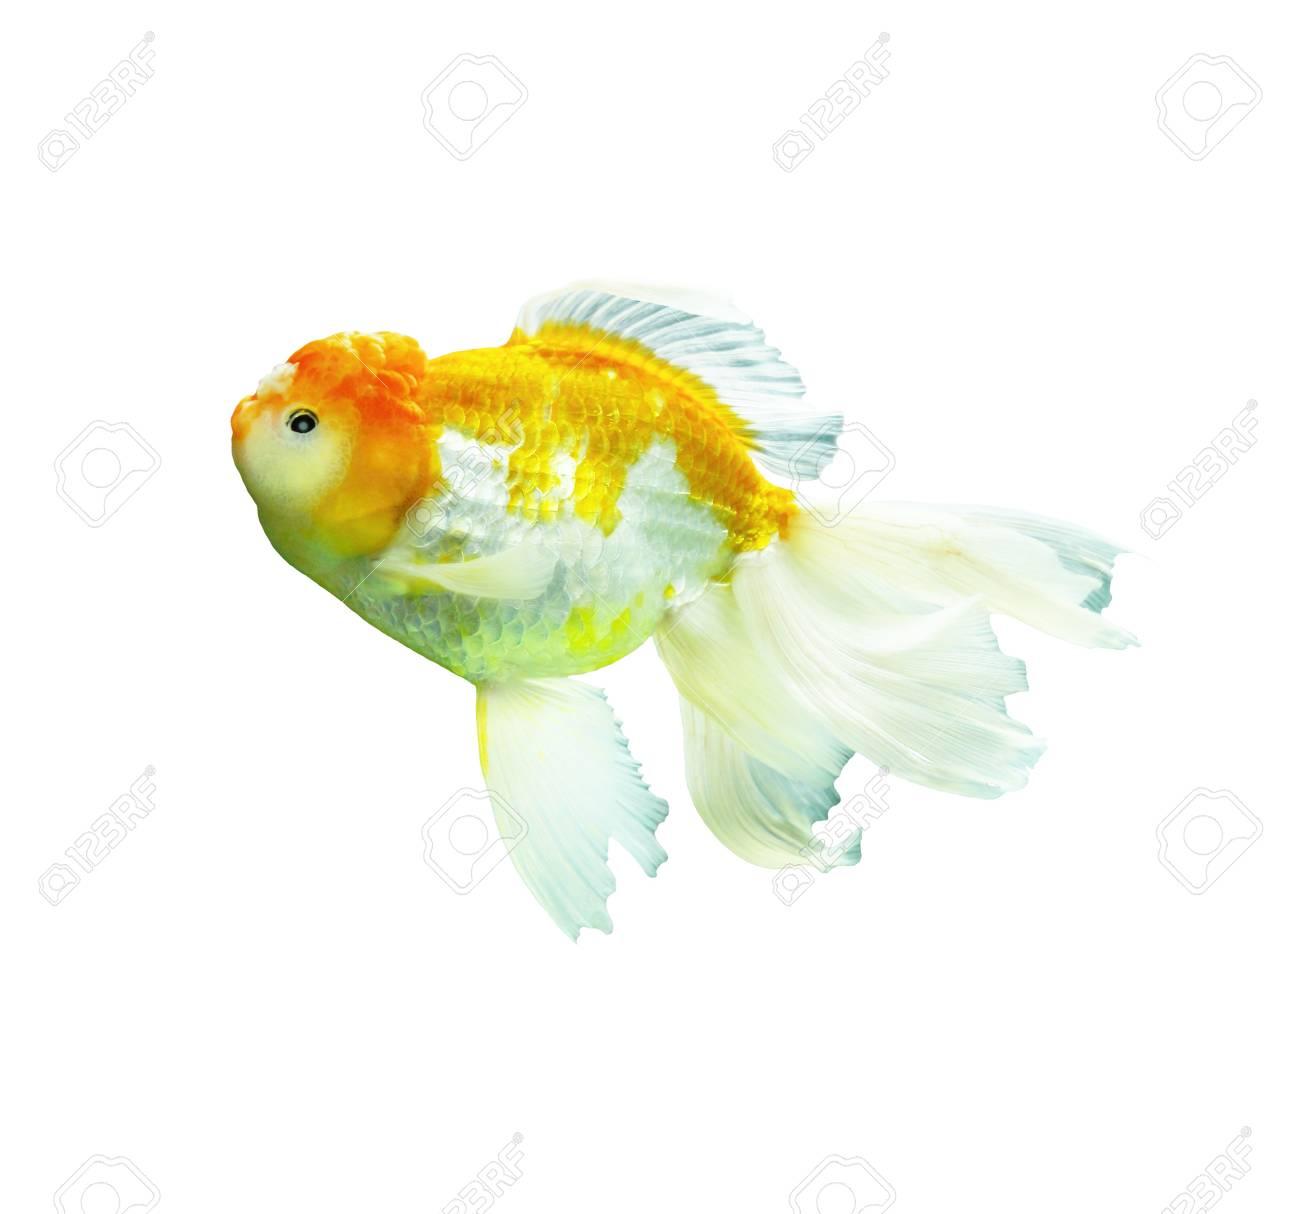 Goldfish on a white background Stock Photo - 16602031